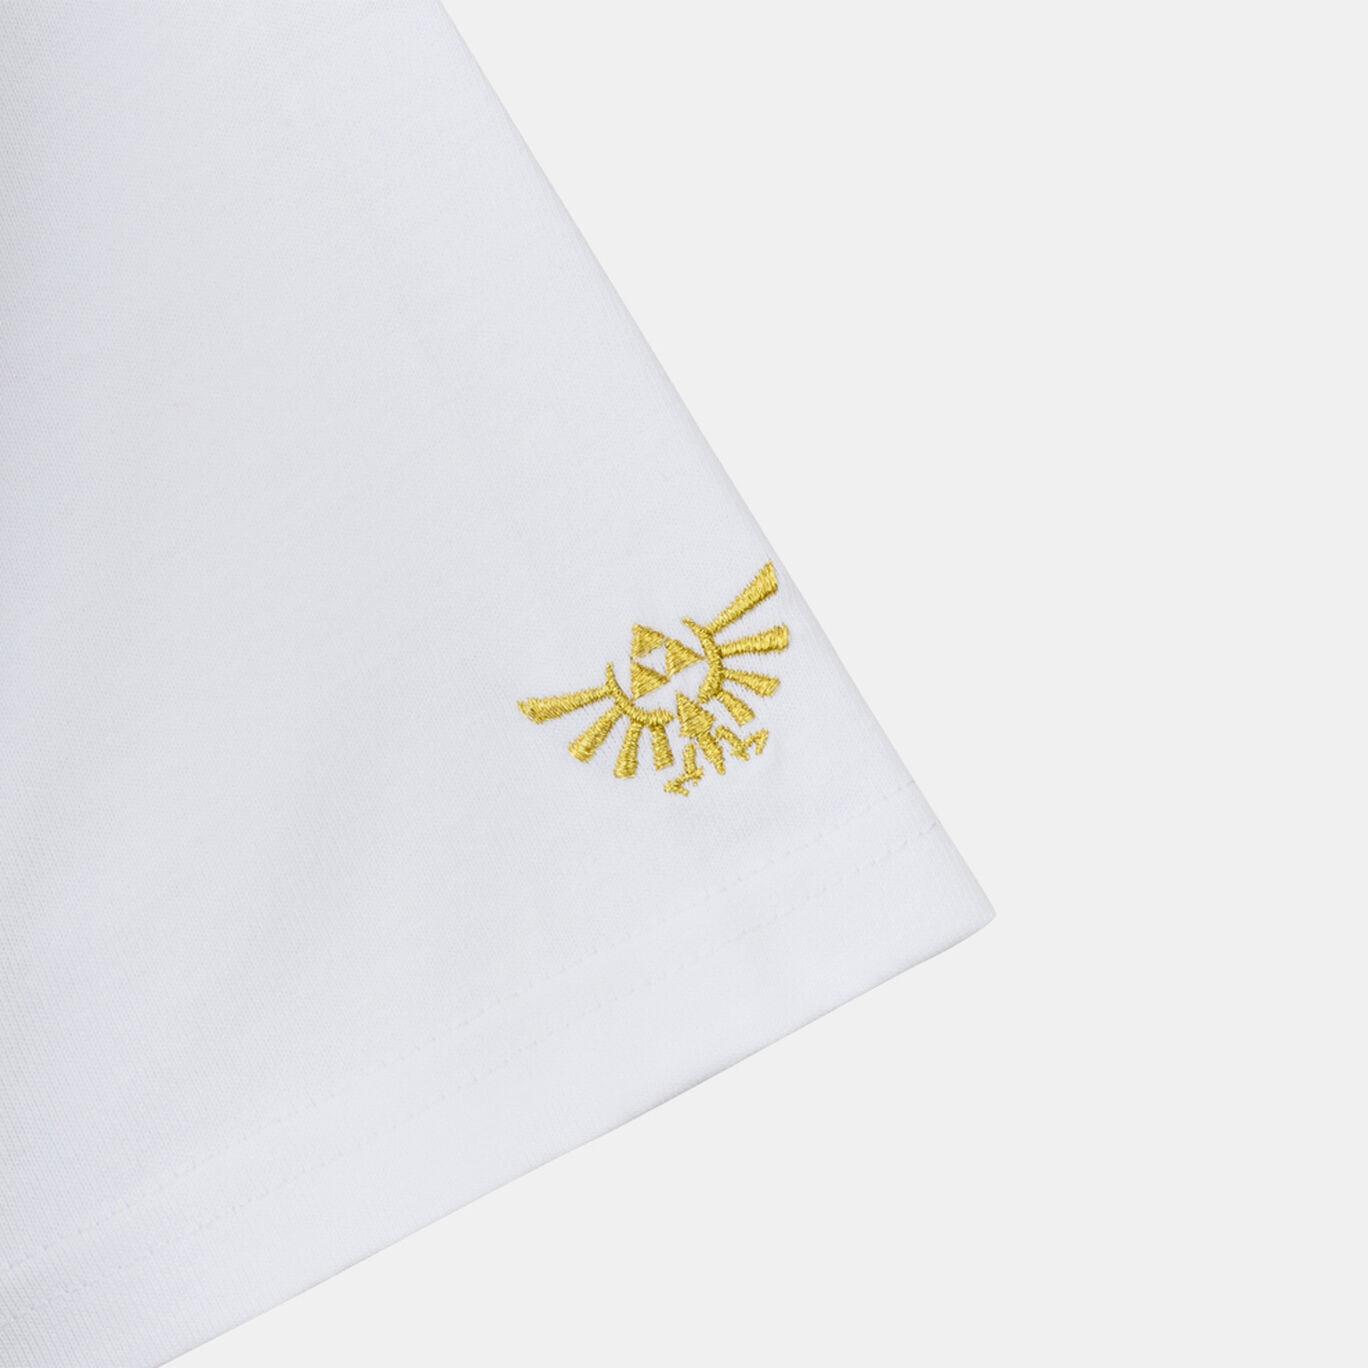 Tシャツ トライフォース ゼルダ S ゼルダの伝説【Nintendo TOKYO取り扱い商品】